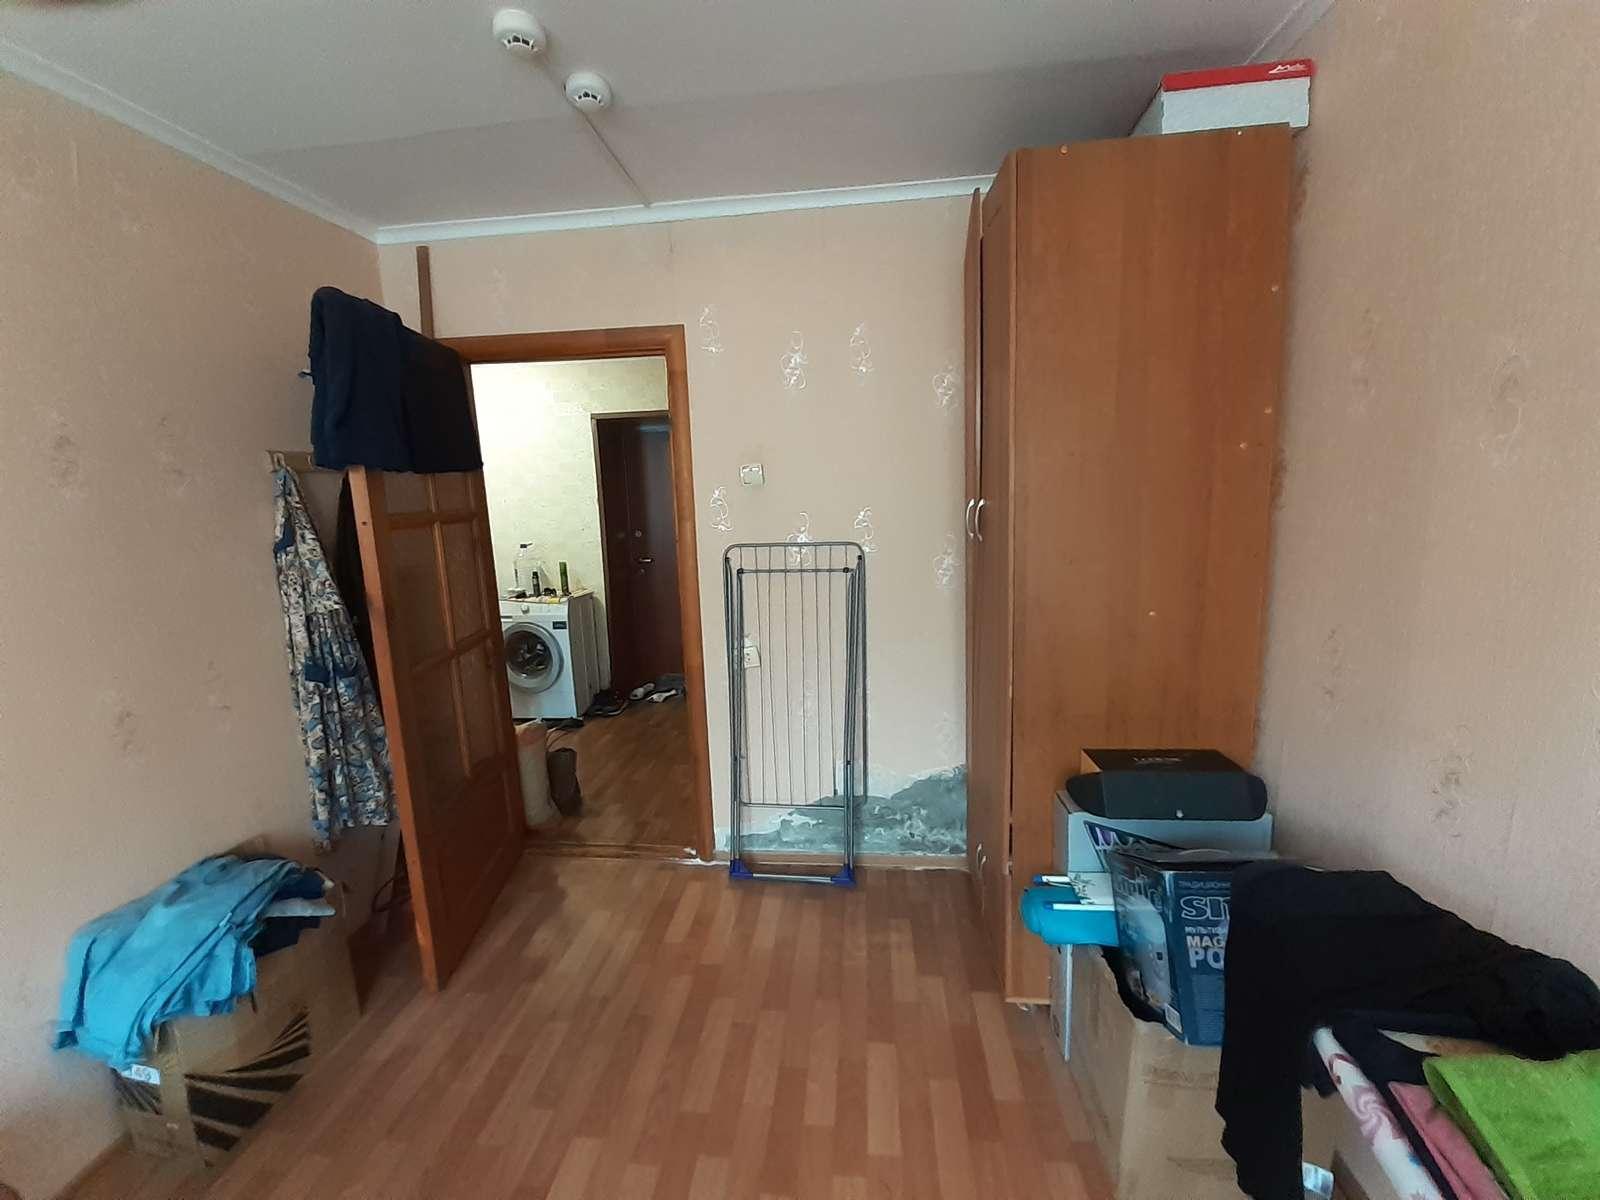 Аренда комнаты, г. Тольятти, Революционная улица  дом 3